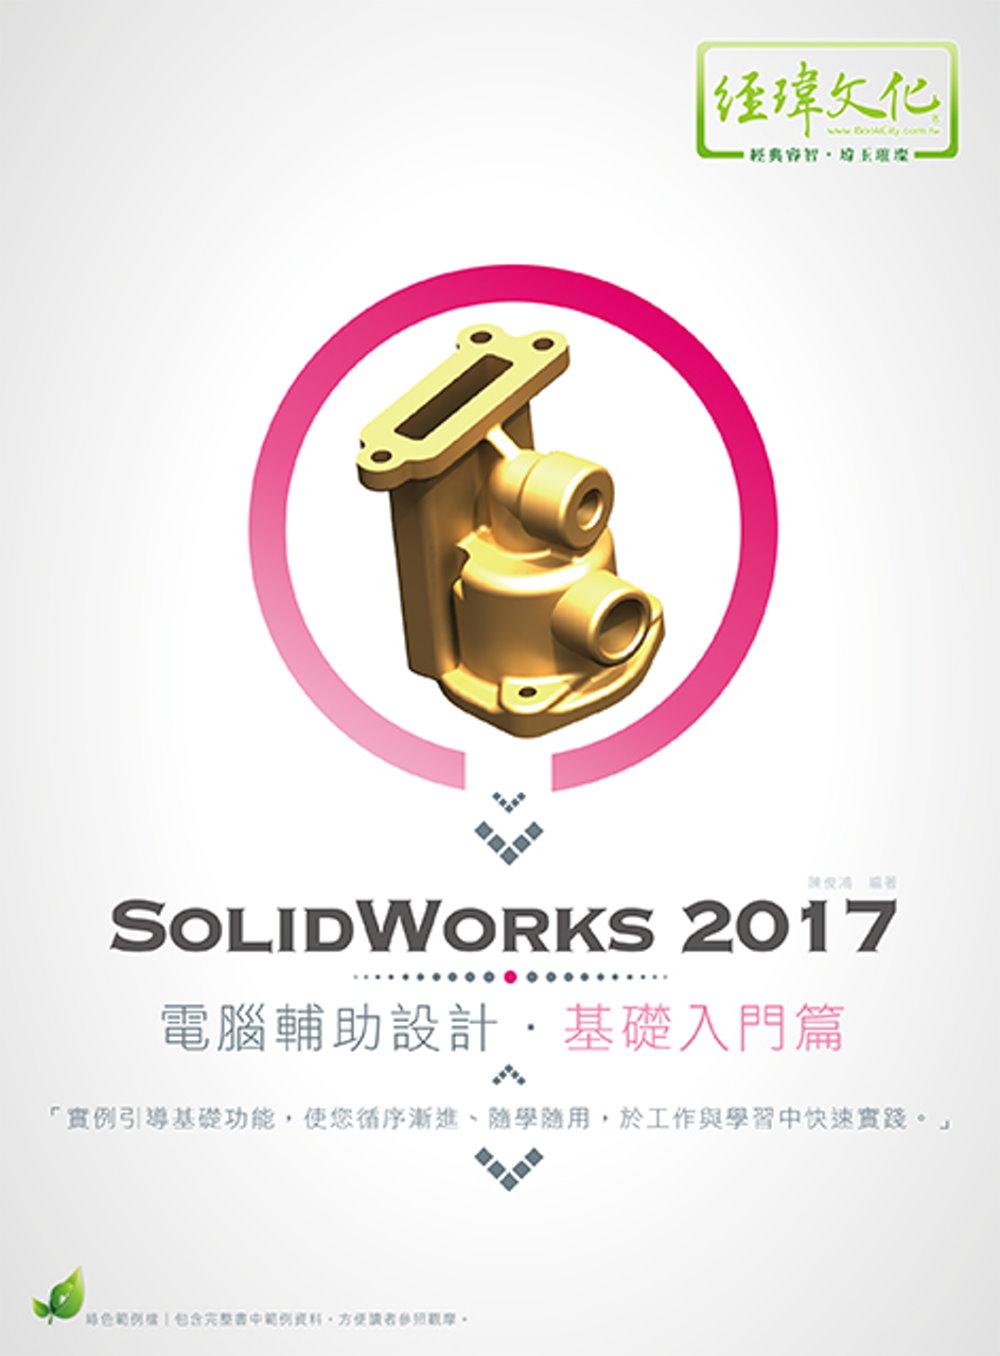 SolidWorks 2017 電腦輔助設計—基礎入門篇(附綠色範例檔)